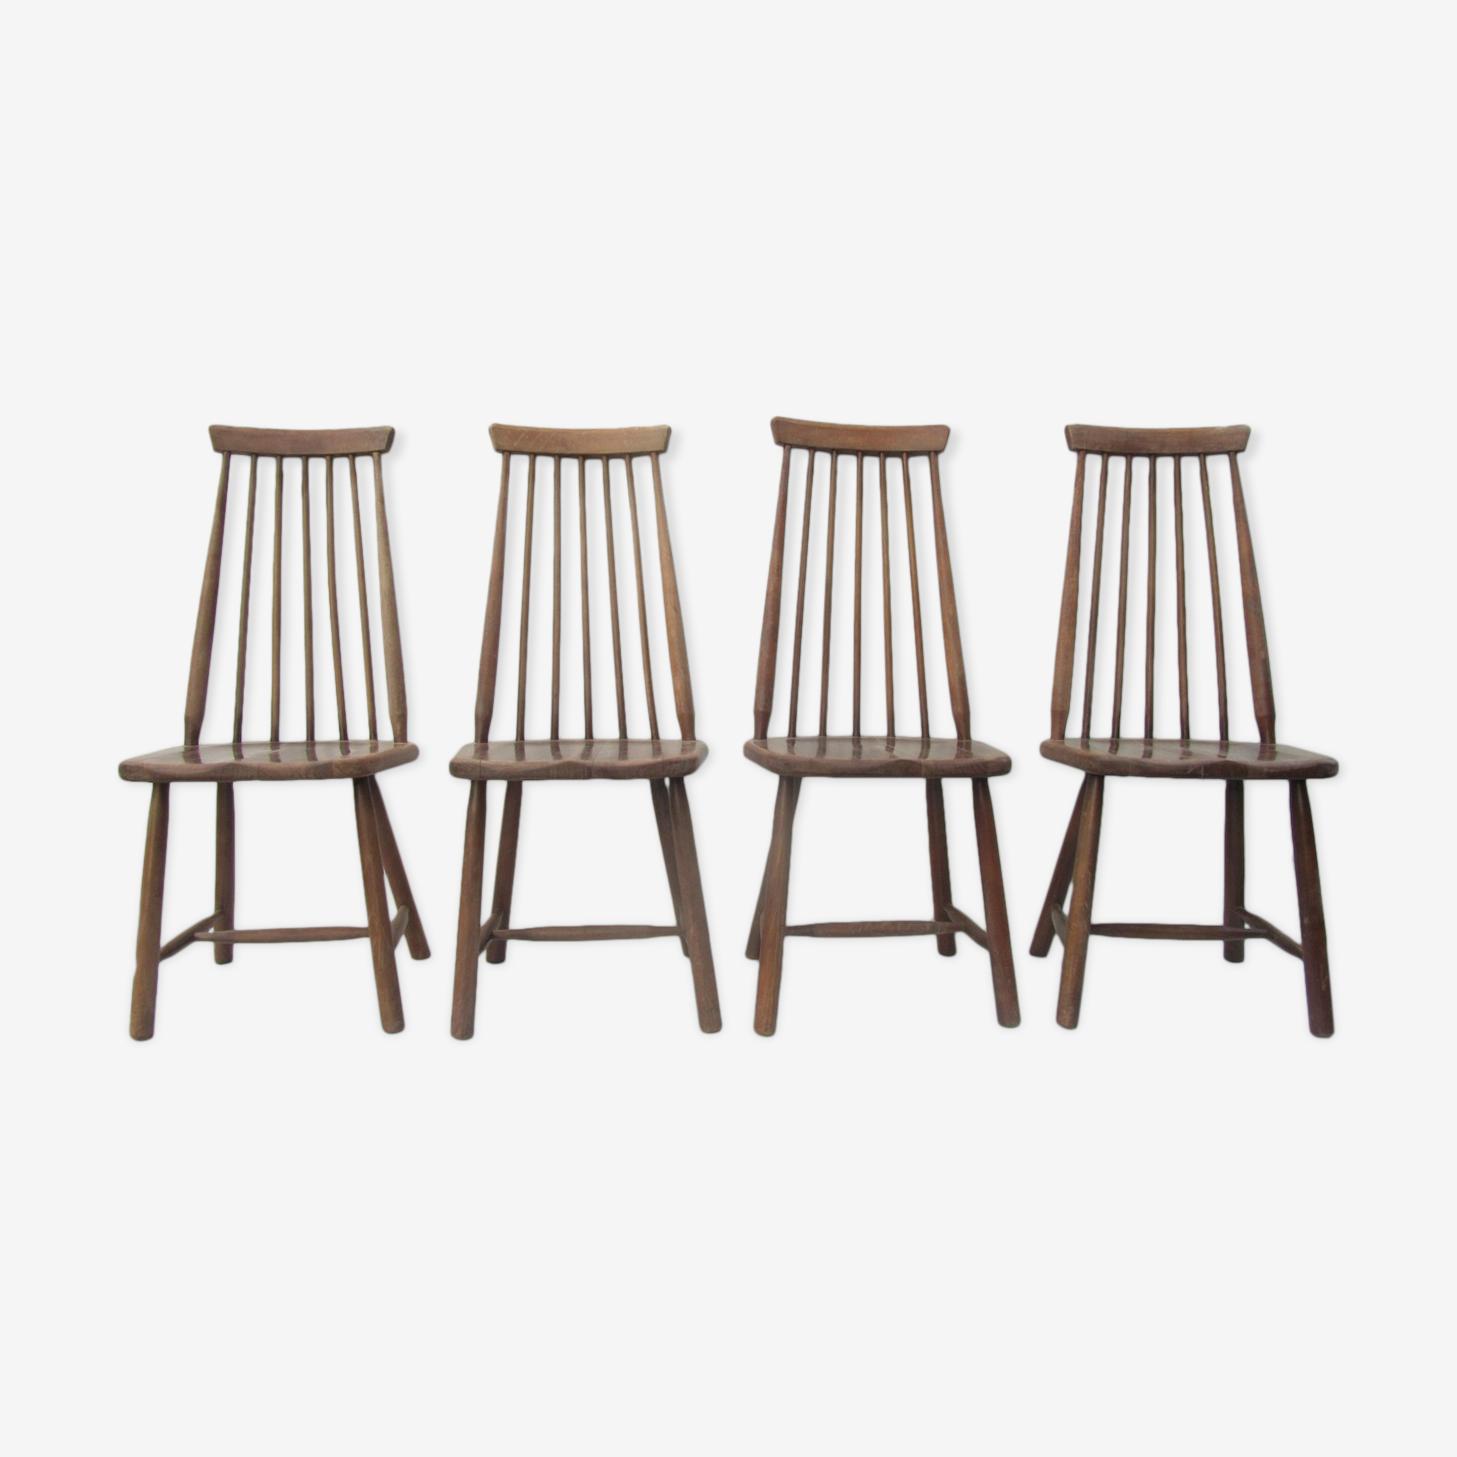 Chaises scandinaves en bois solide haute broche arrière